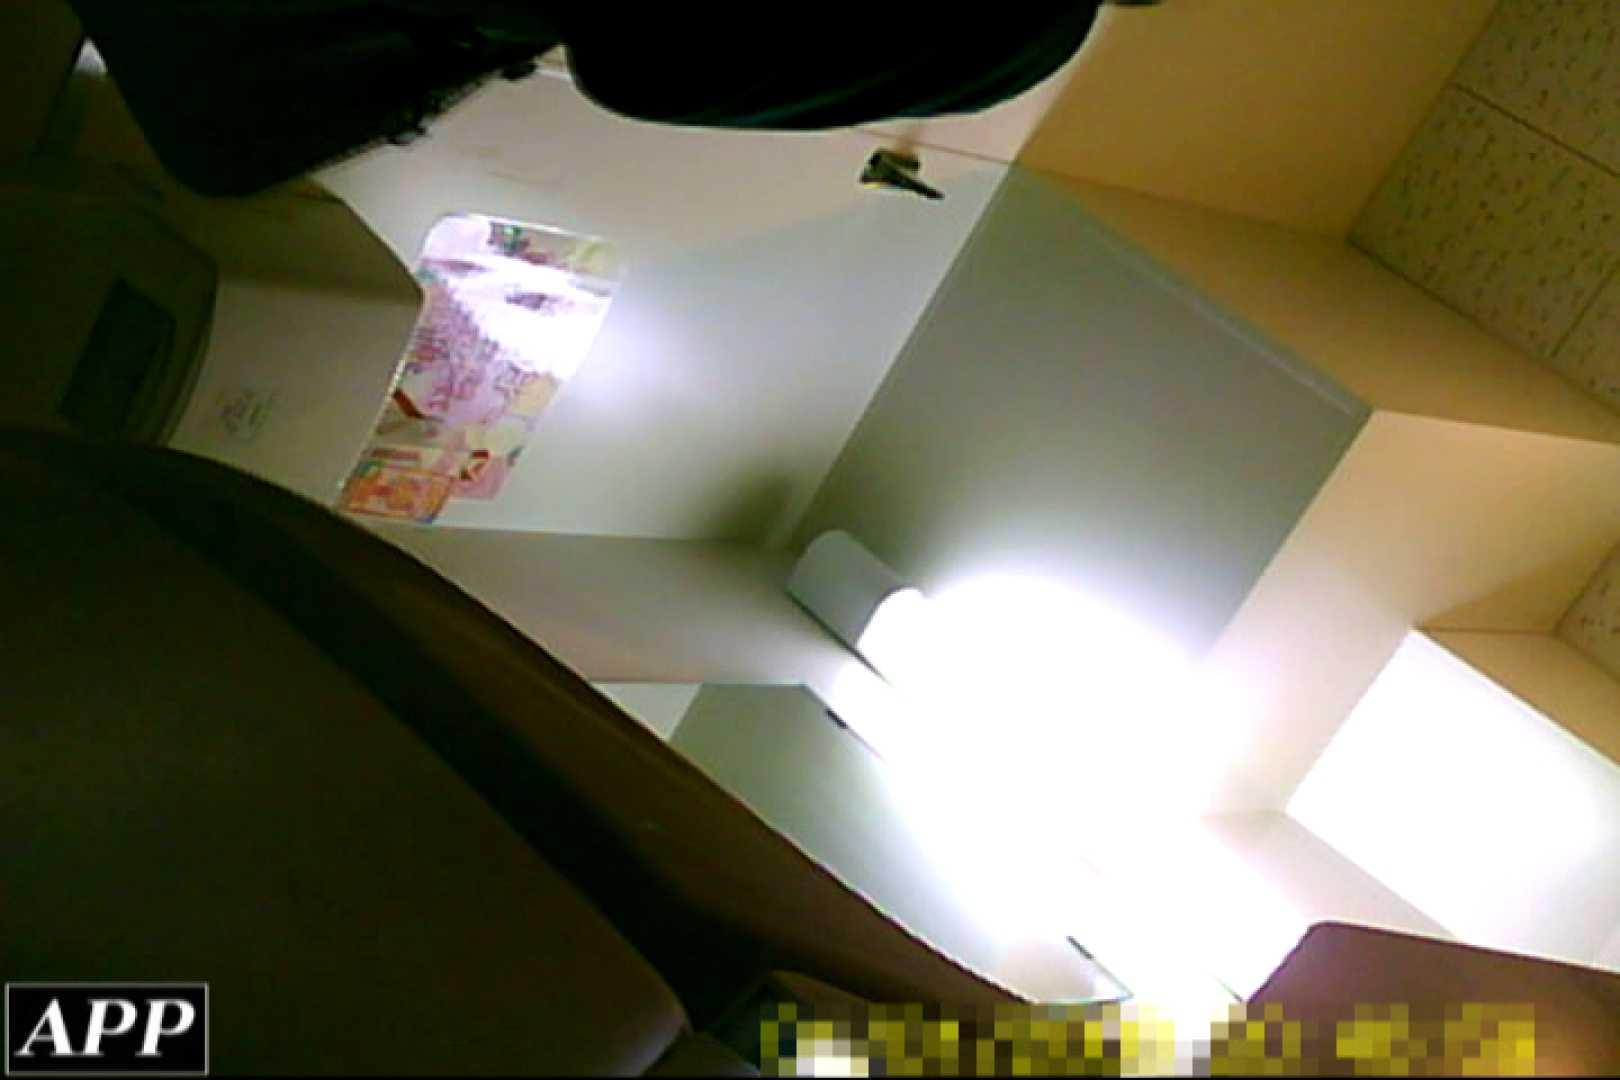 3視点洗面所 vol.87 洗面所編 アダルト動画キャプチャ 92PIX 59